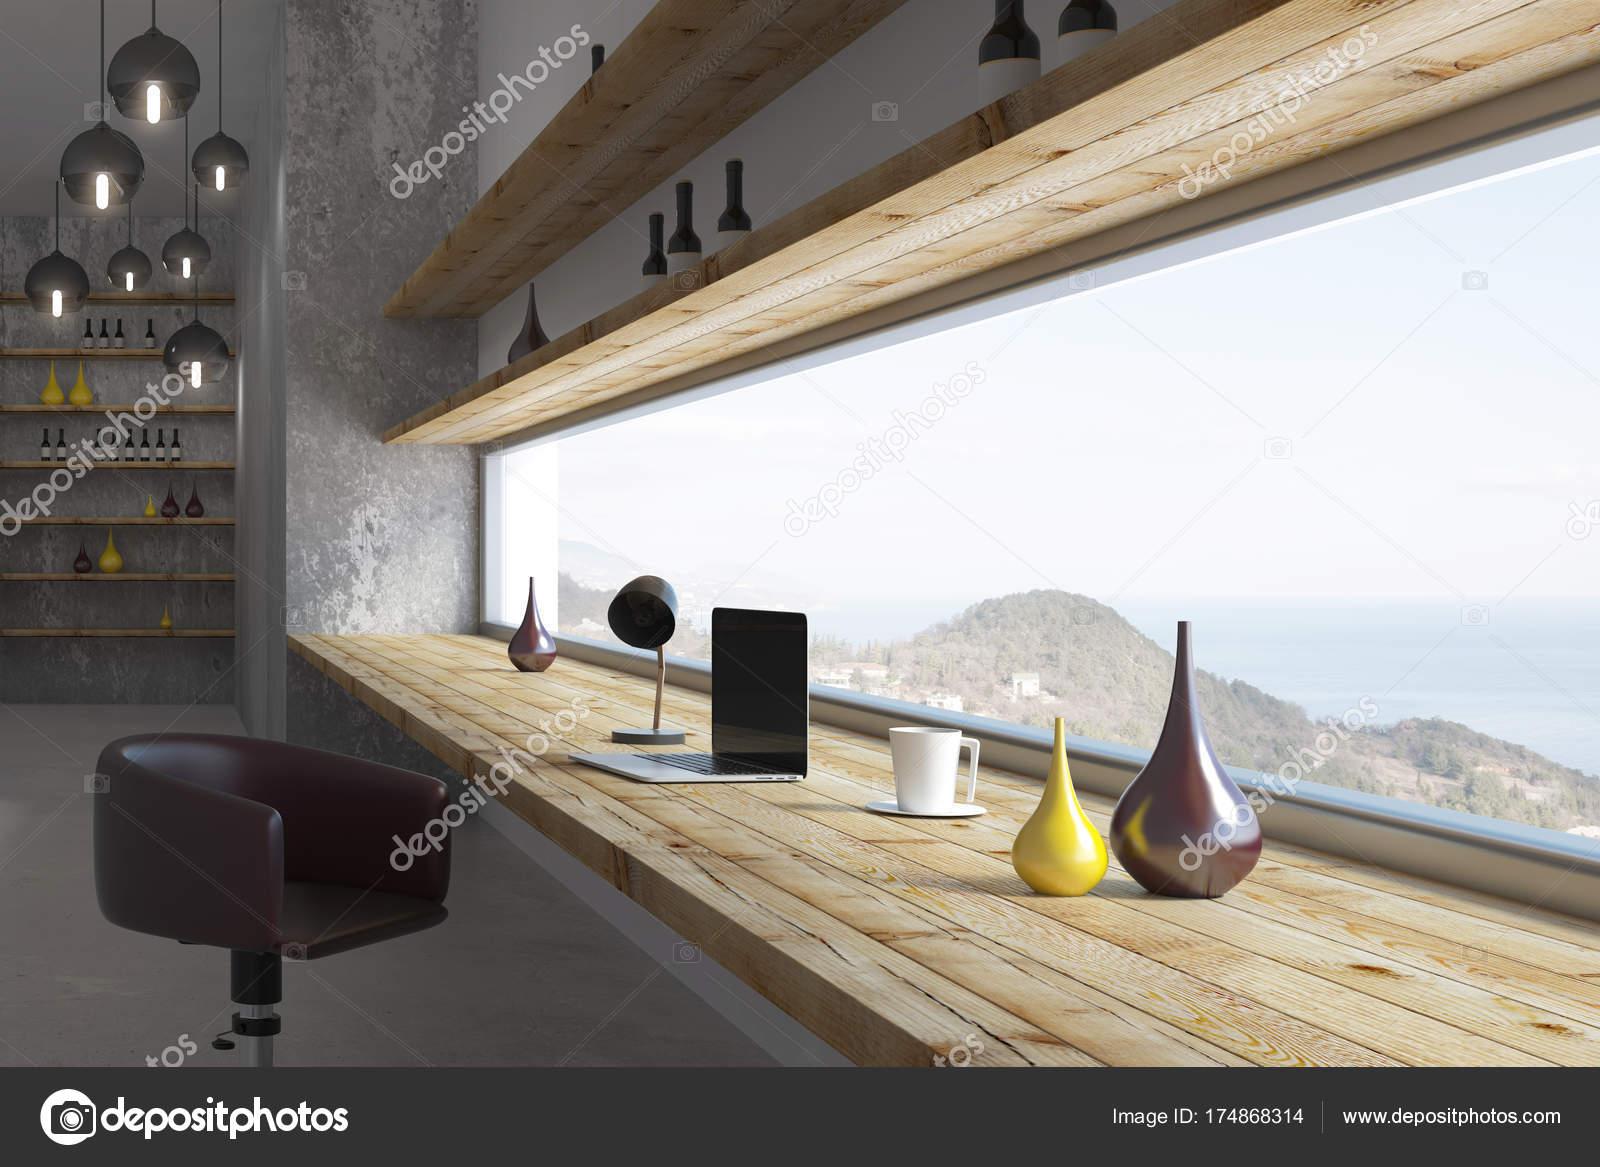 Modernes Zimmer-Innenarchitektur — Stockfoto © peshkova #174868314